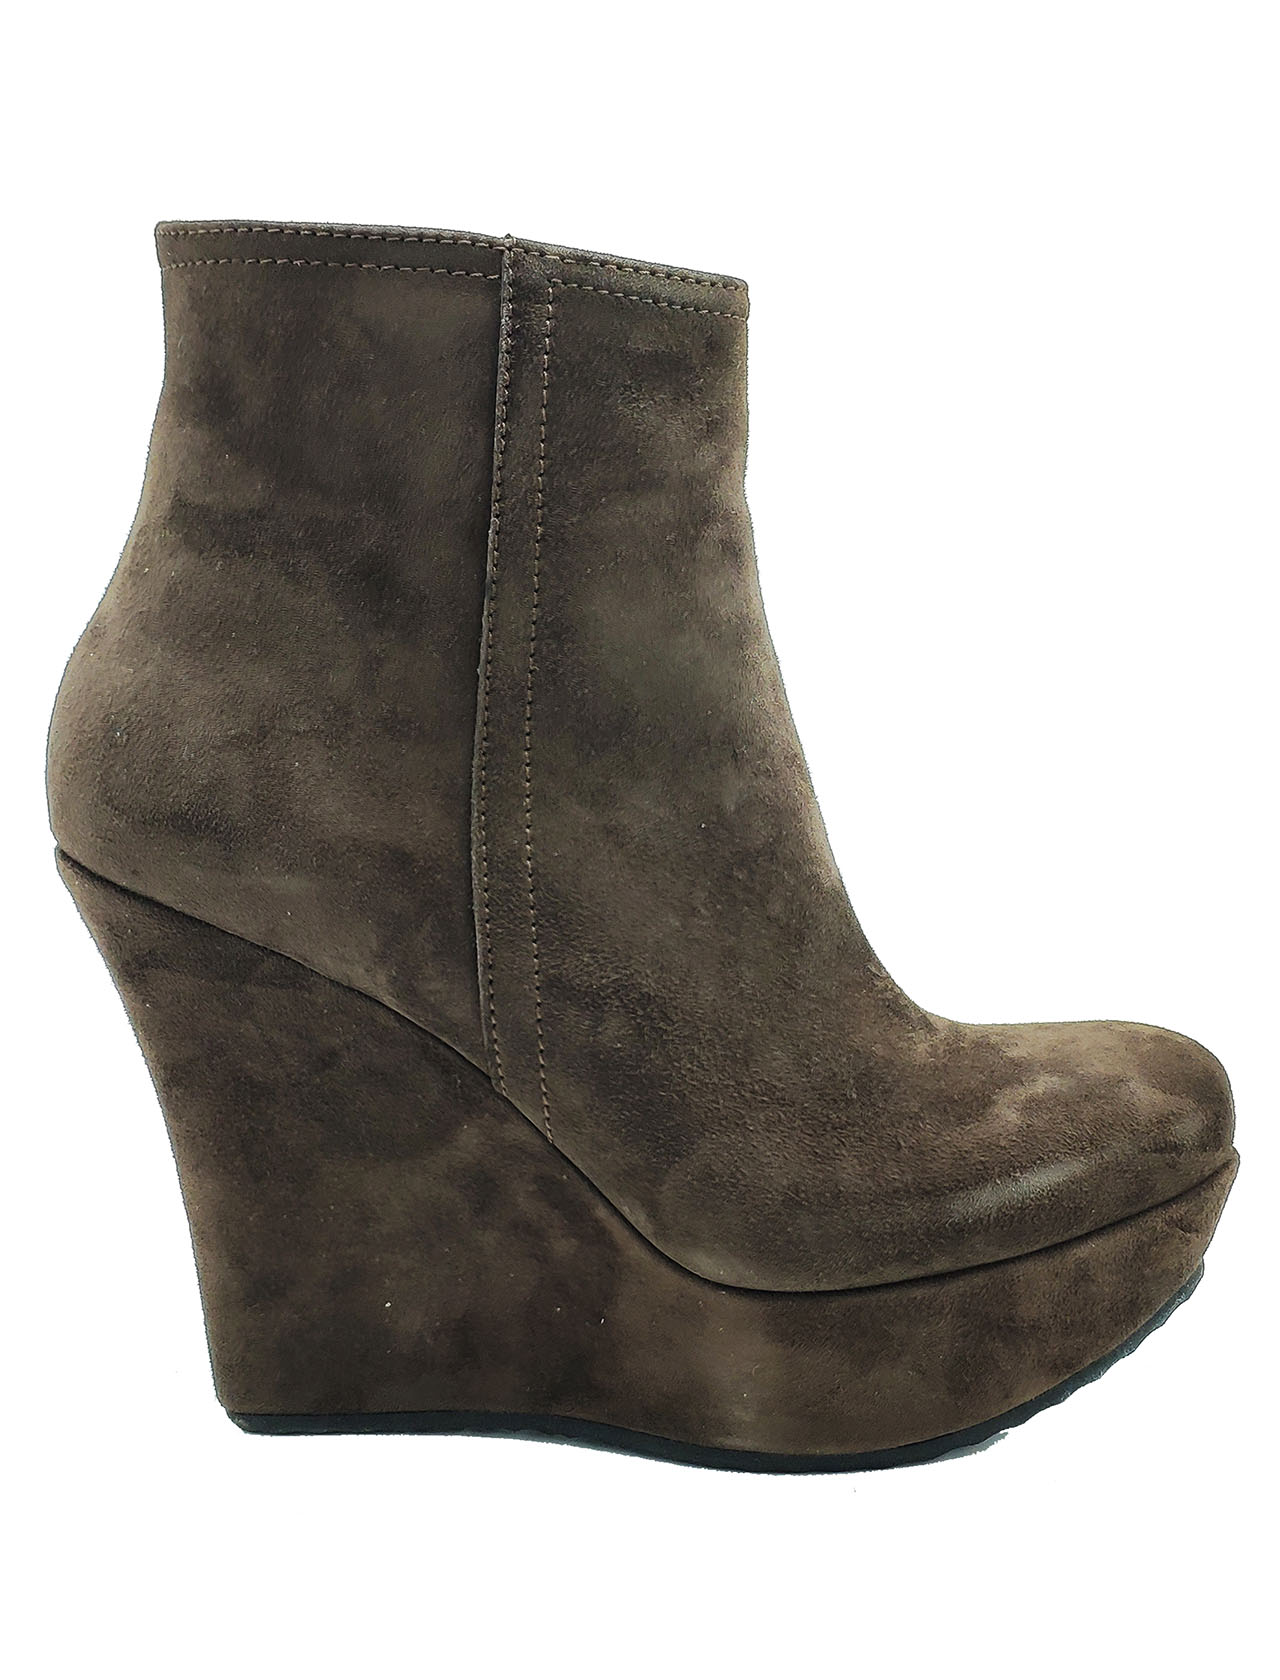 Spatarella | Ankle Boots | ART101338MORO